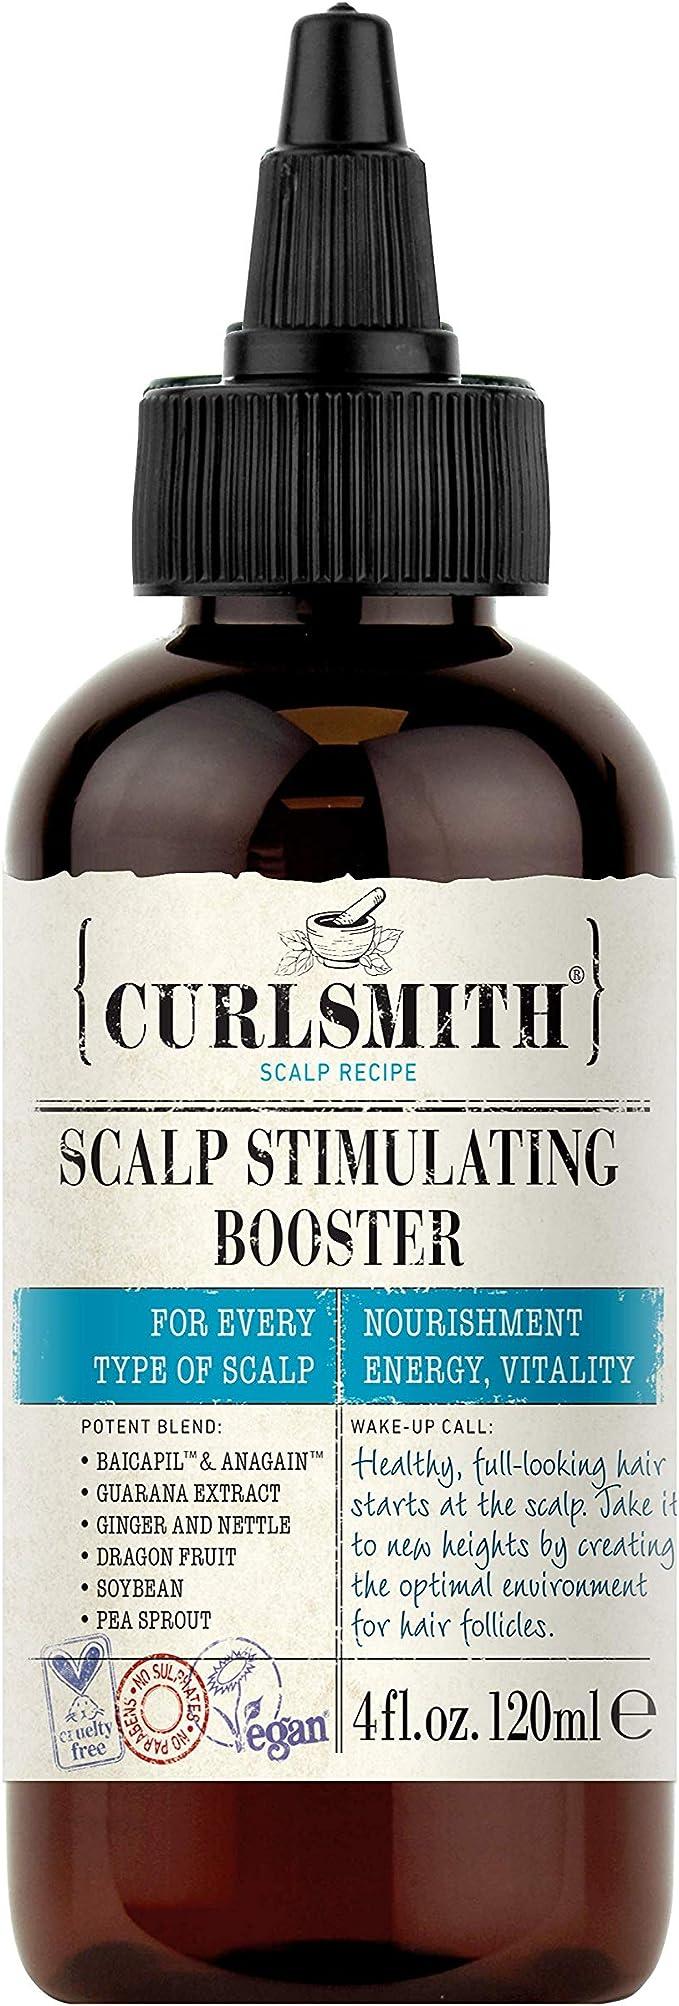 69 opinioni per Curlsmith- Scalp Stimulating Booster- Siero Vegano Crescita Capelli per la Cura